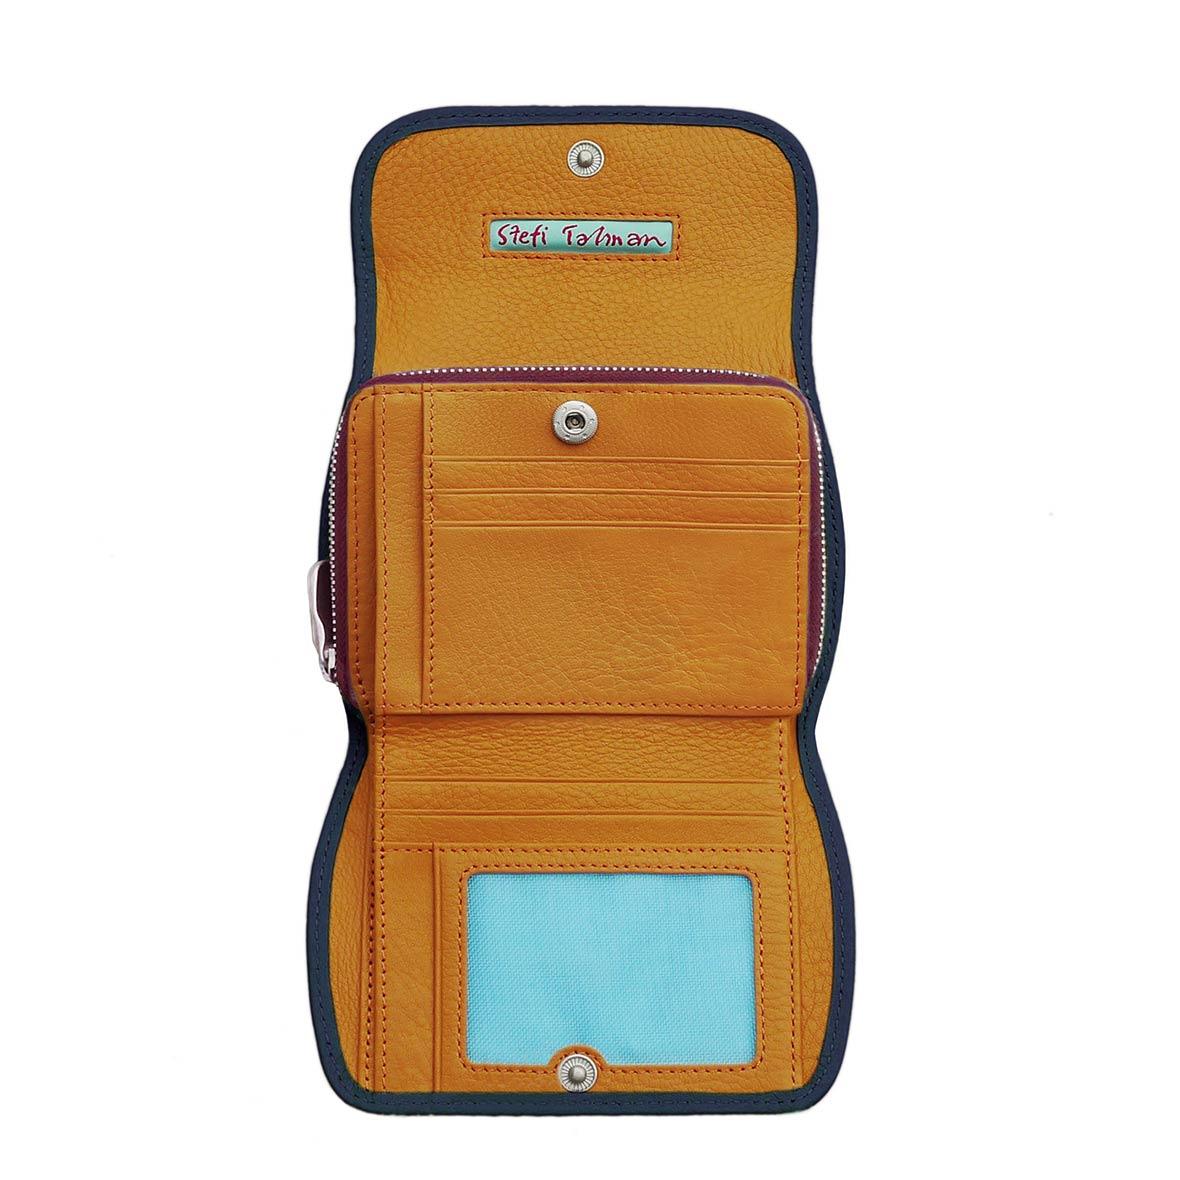 Portemonnaie CLAM 172 - Farbe rubin - innen orange - Bordüre marine